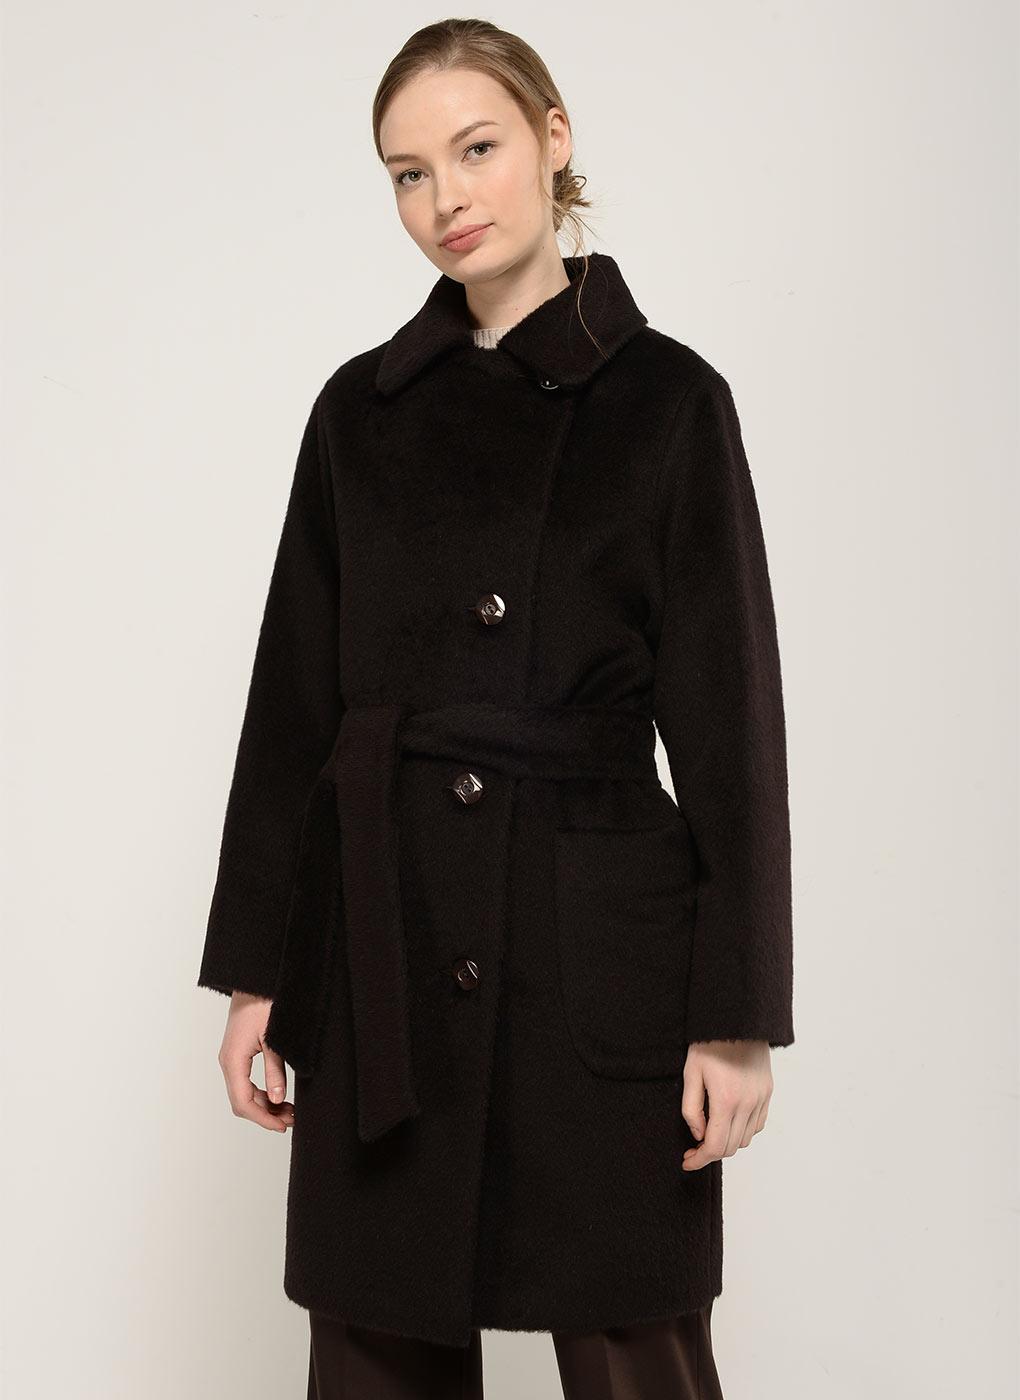 Пальто прямое чистошерстяное 32, Bella collection фото